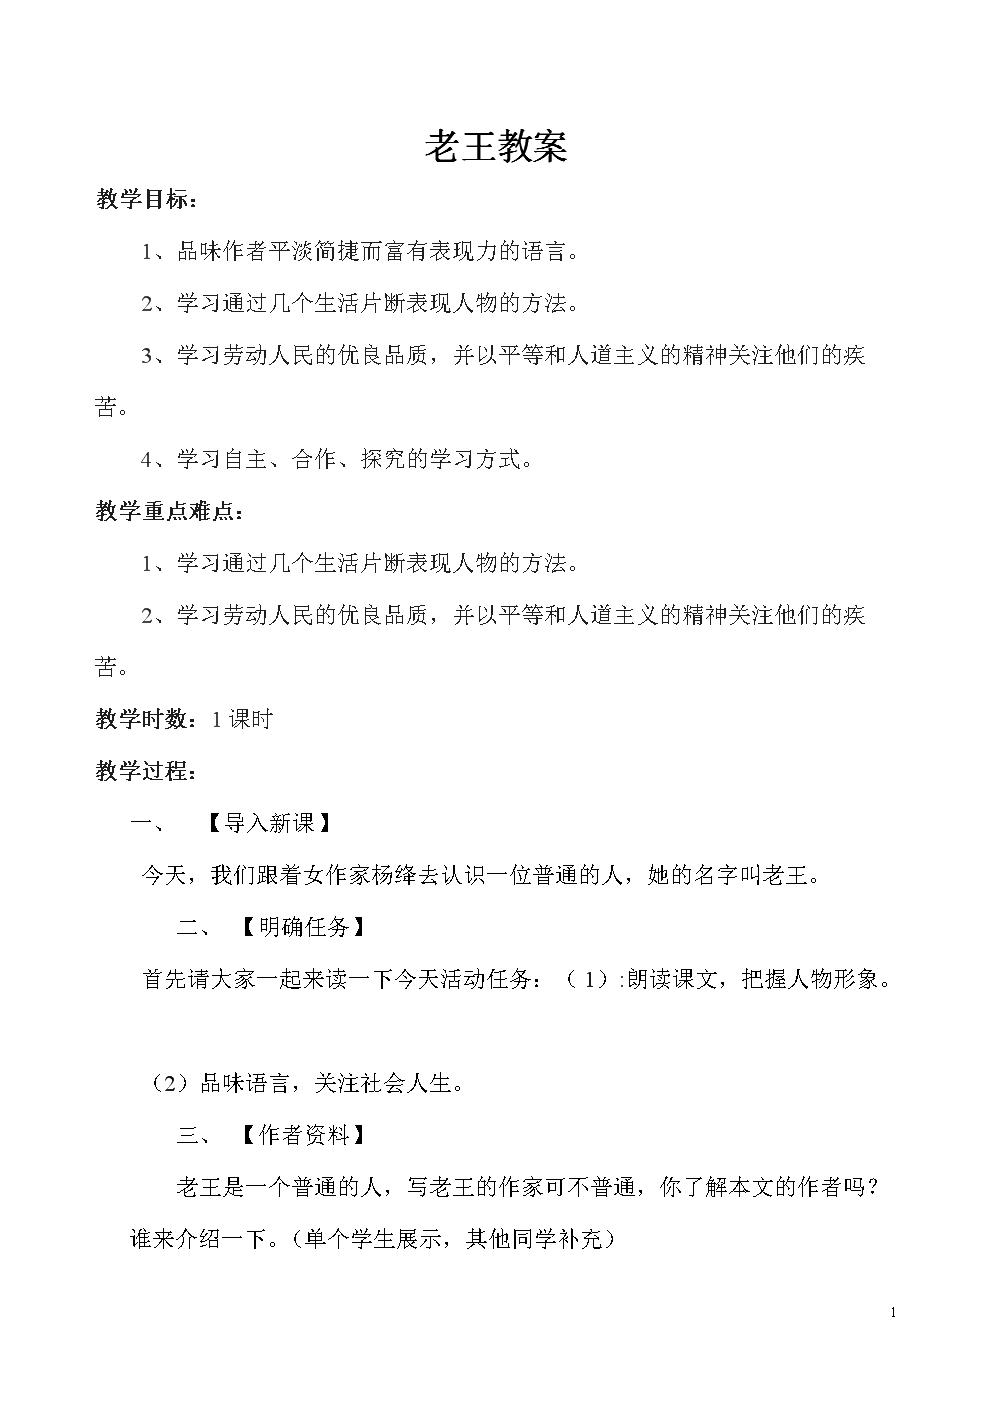 老王教案(原創優質課教案).doc